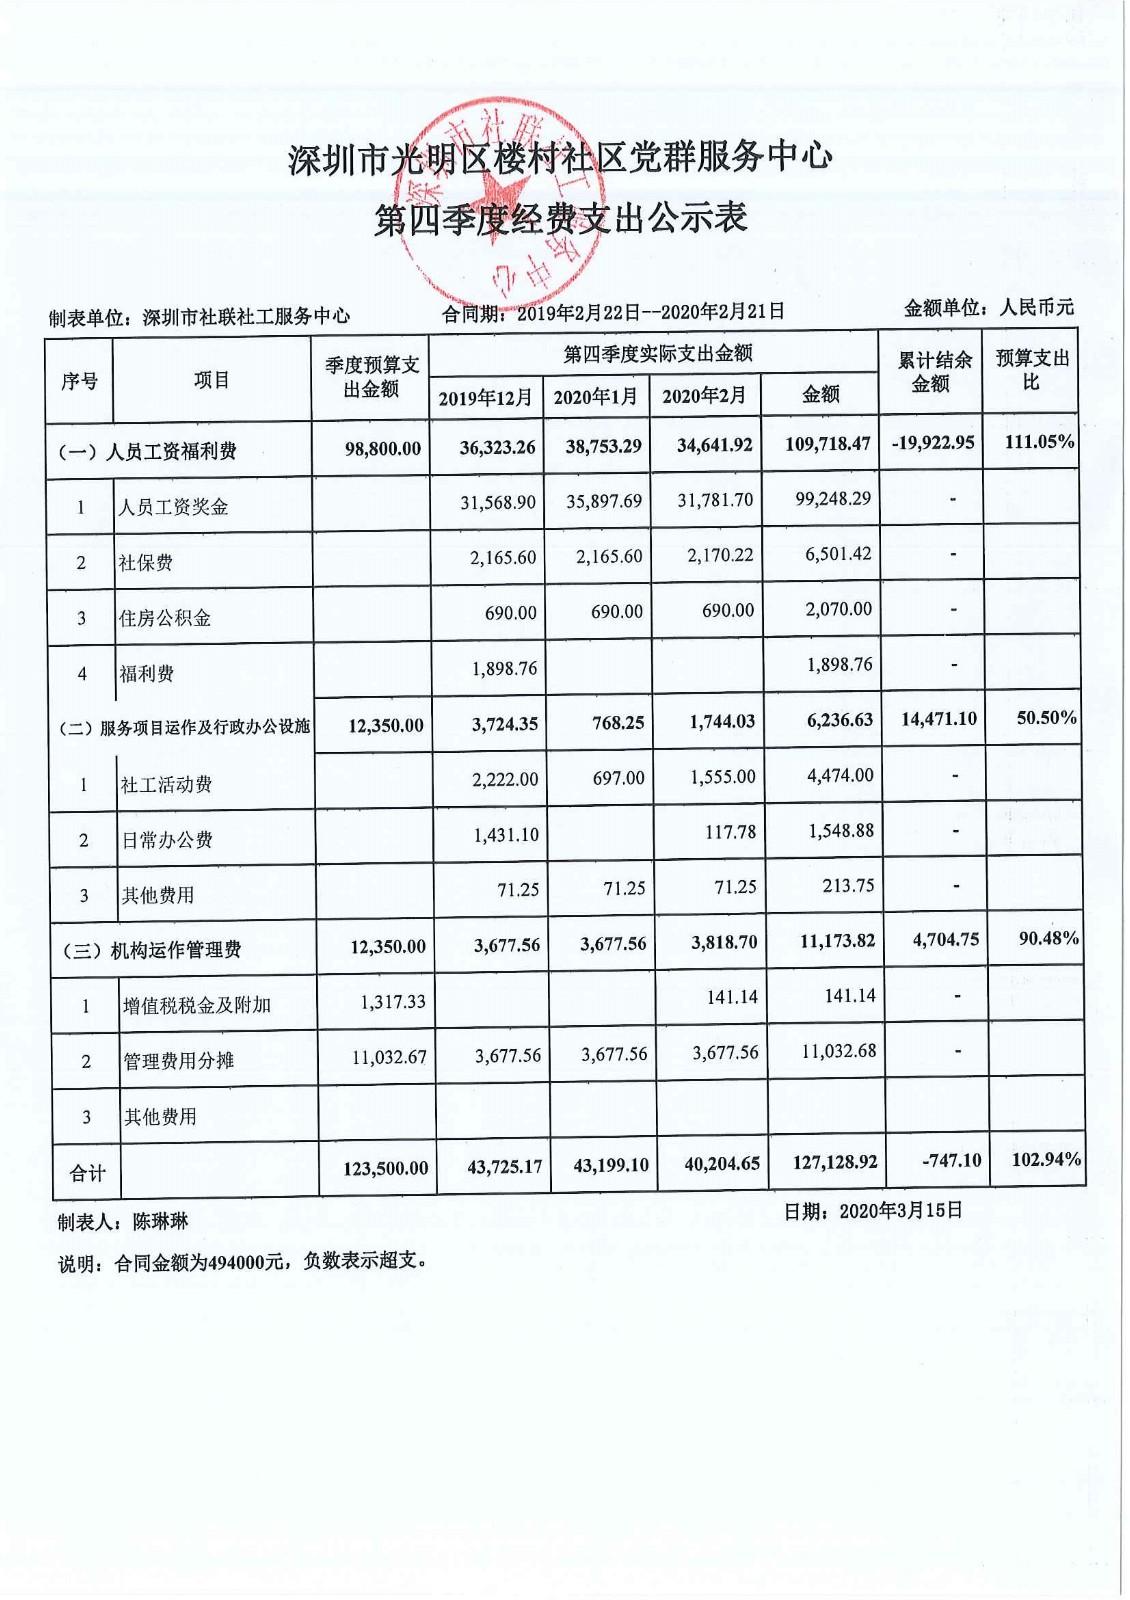 楼村社区第四季度经费支出公示表